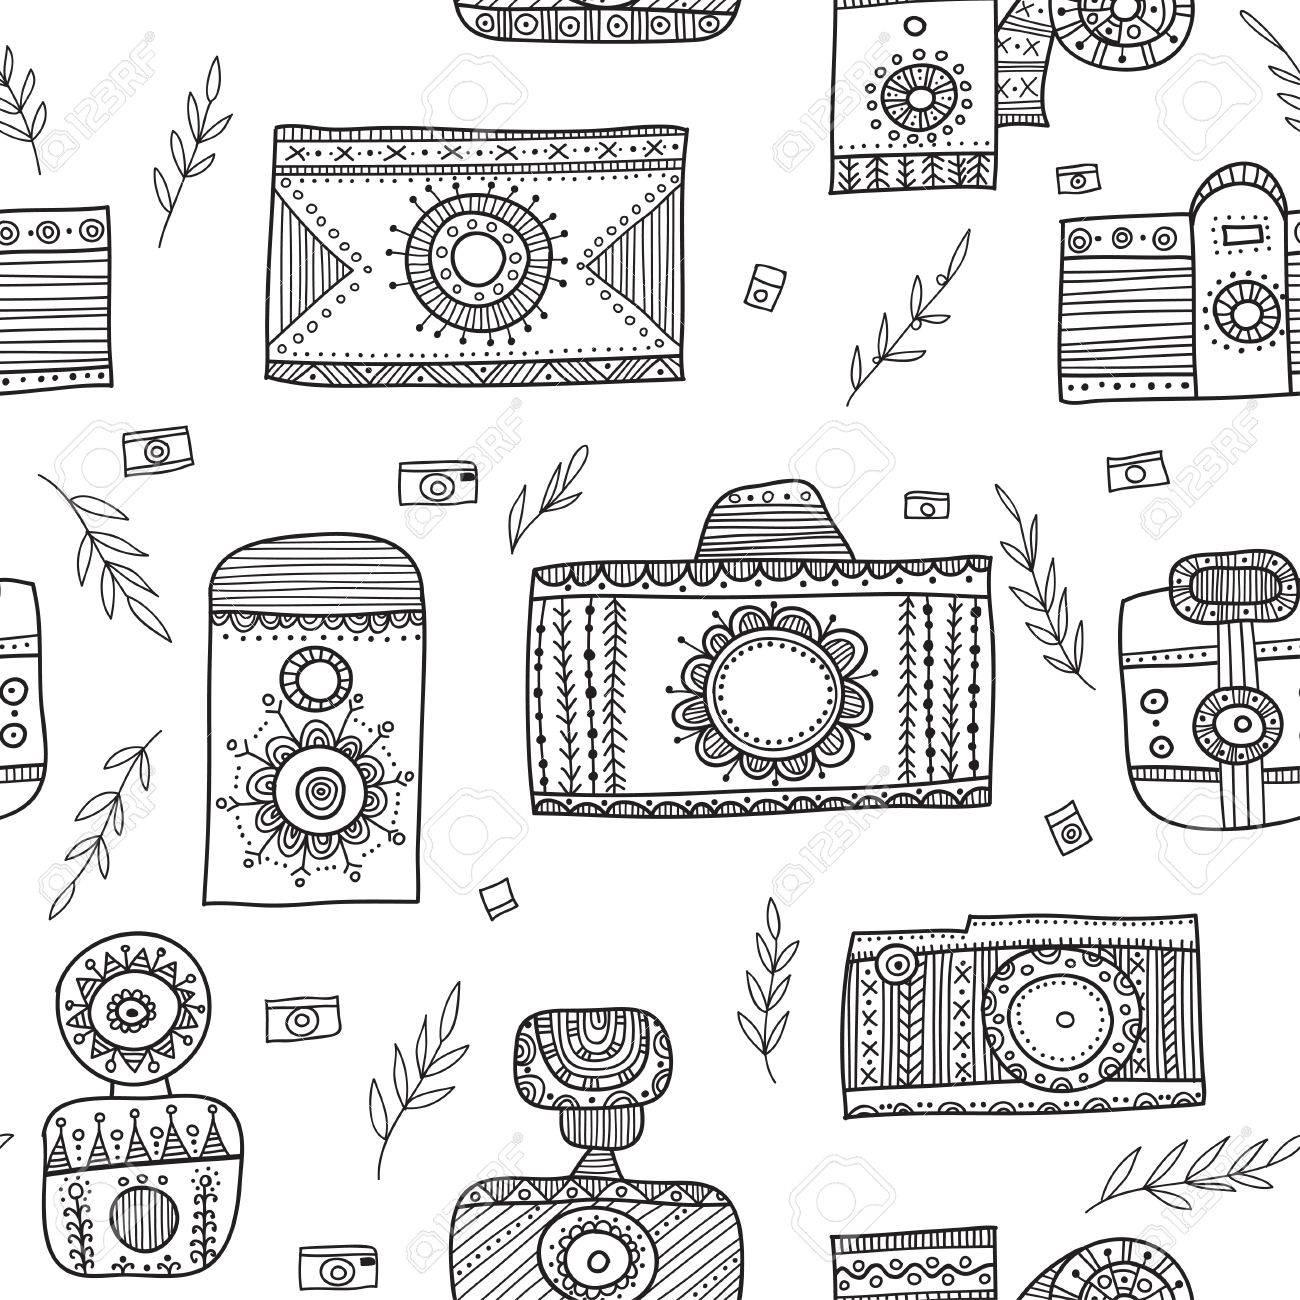 Vettoriale Boho Macchine Fotografiche D Epoca In Stile Etnico